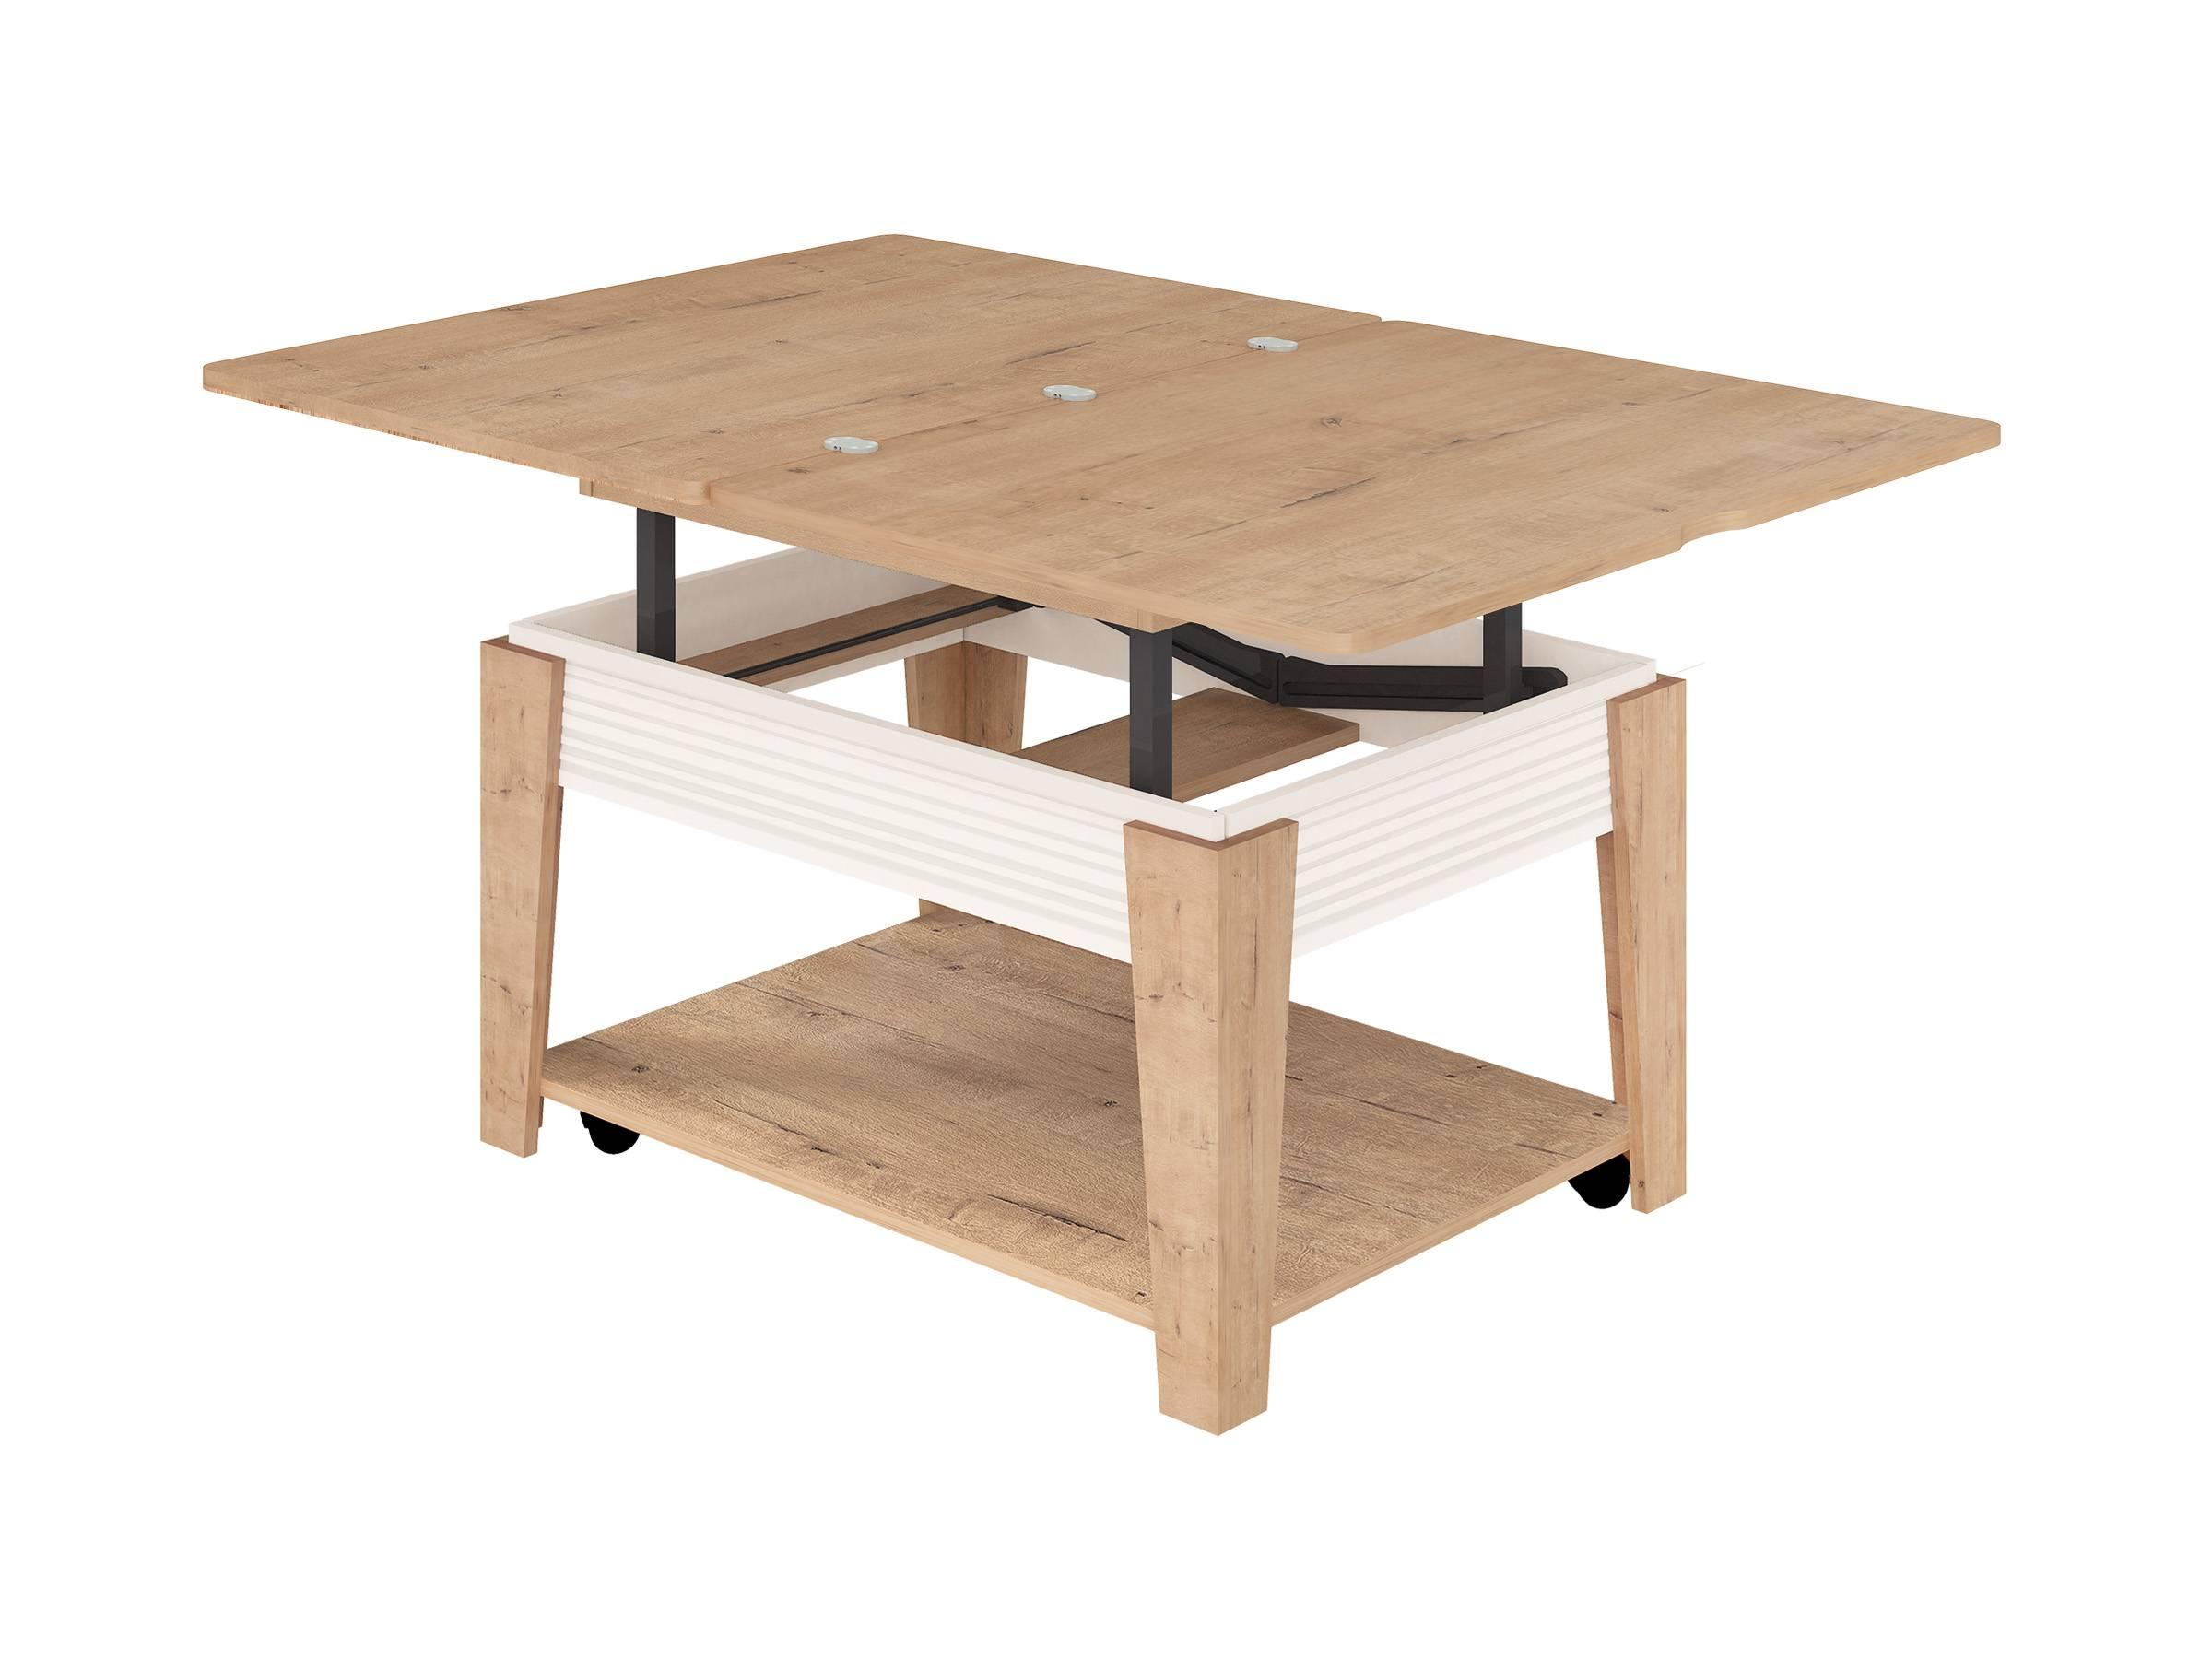 Стол трансформер: 110 фото и видео лучших моделей раскладных столов 2020 года